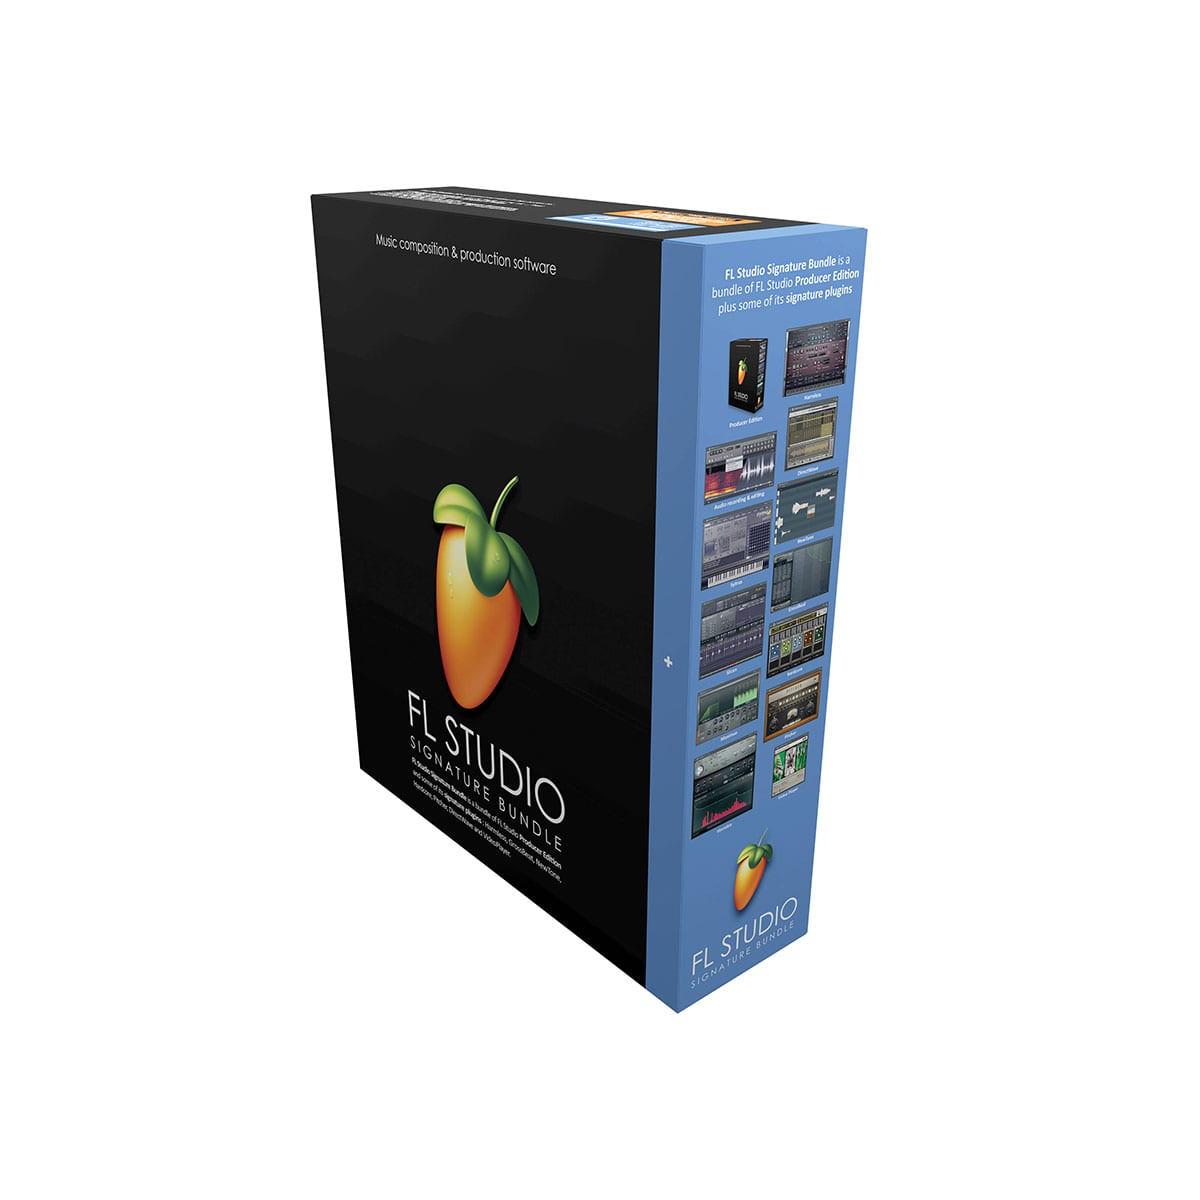 Imageline FL Studio 12 - Signature Edition